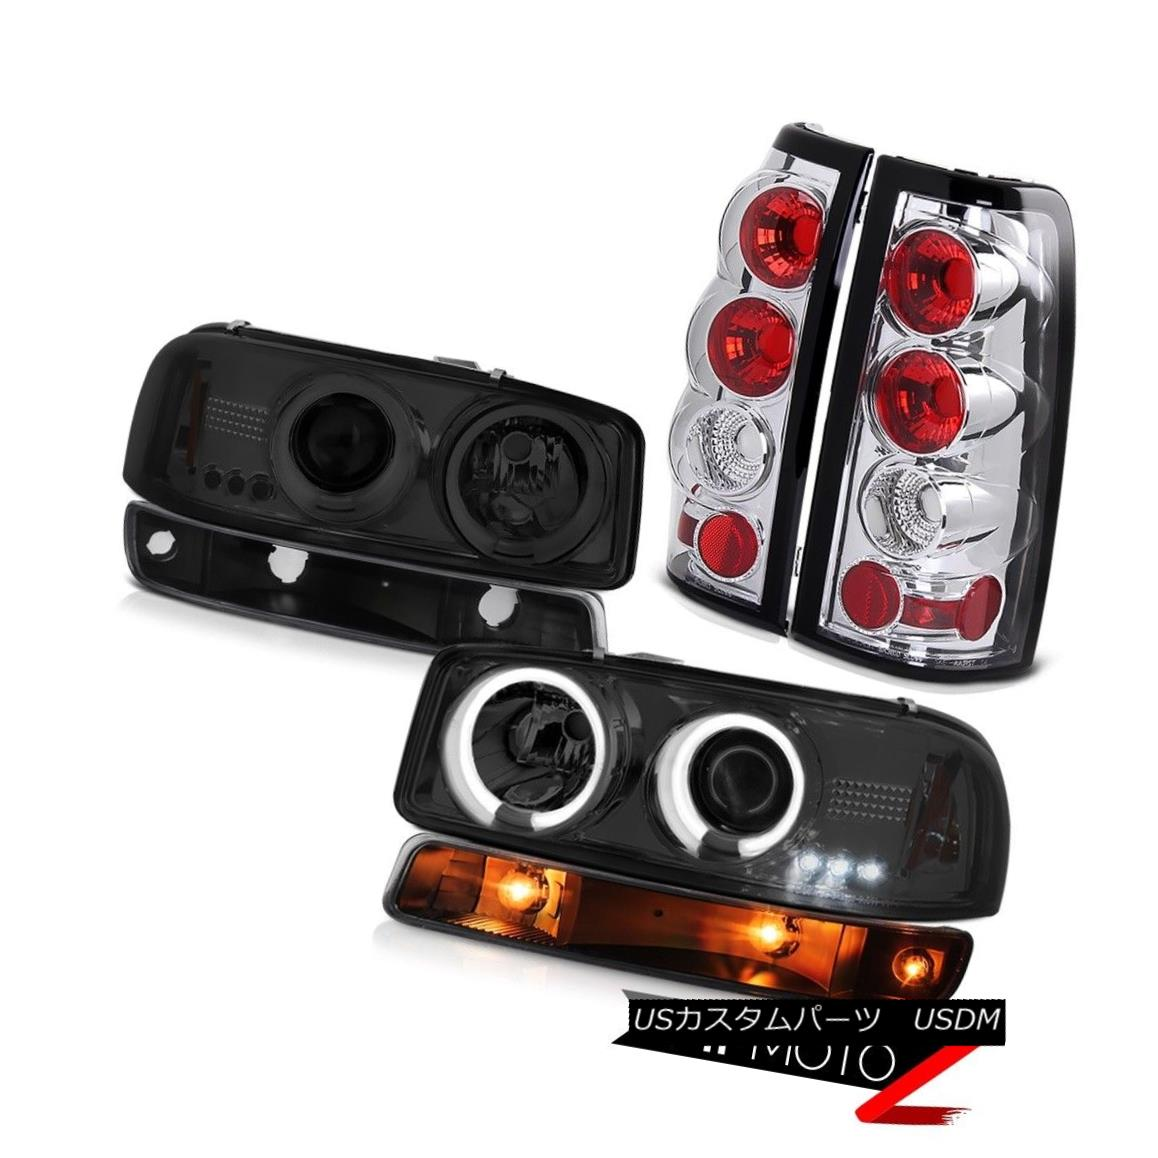 ヘッドライト 1999-2002 Sierra 6.0L Taillights black bumper lamp ccfl headlamps LED Halo Rim 1999-2002シエラ6.0L灯台ブラックバンパーランプccflヘッドランプLEDハローリム